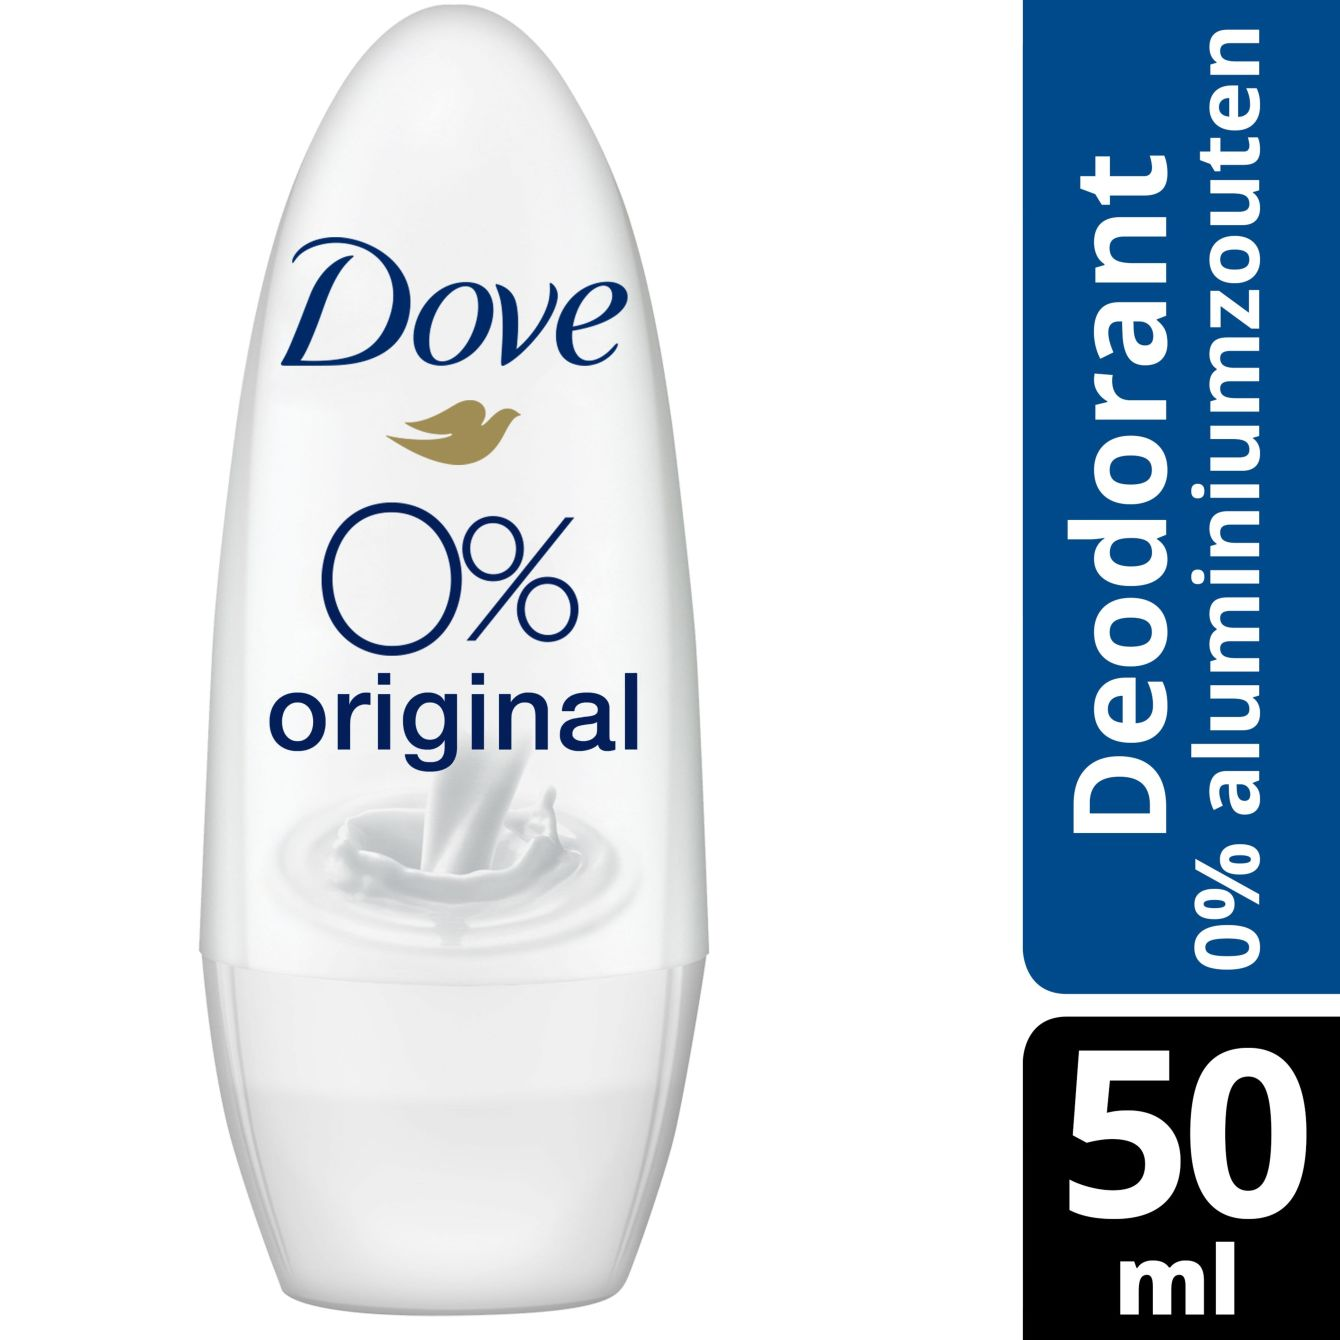 Dove 0% Aluminiumzouten Original Deodorant Roller